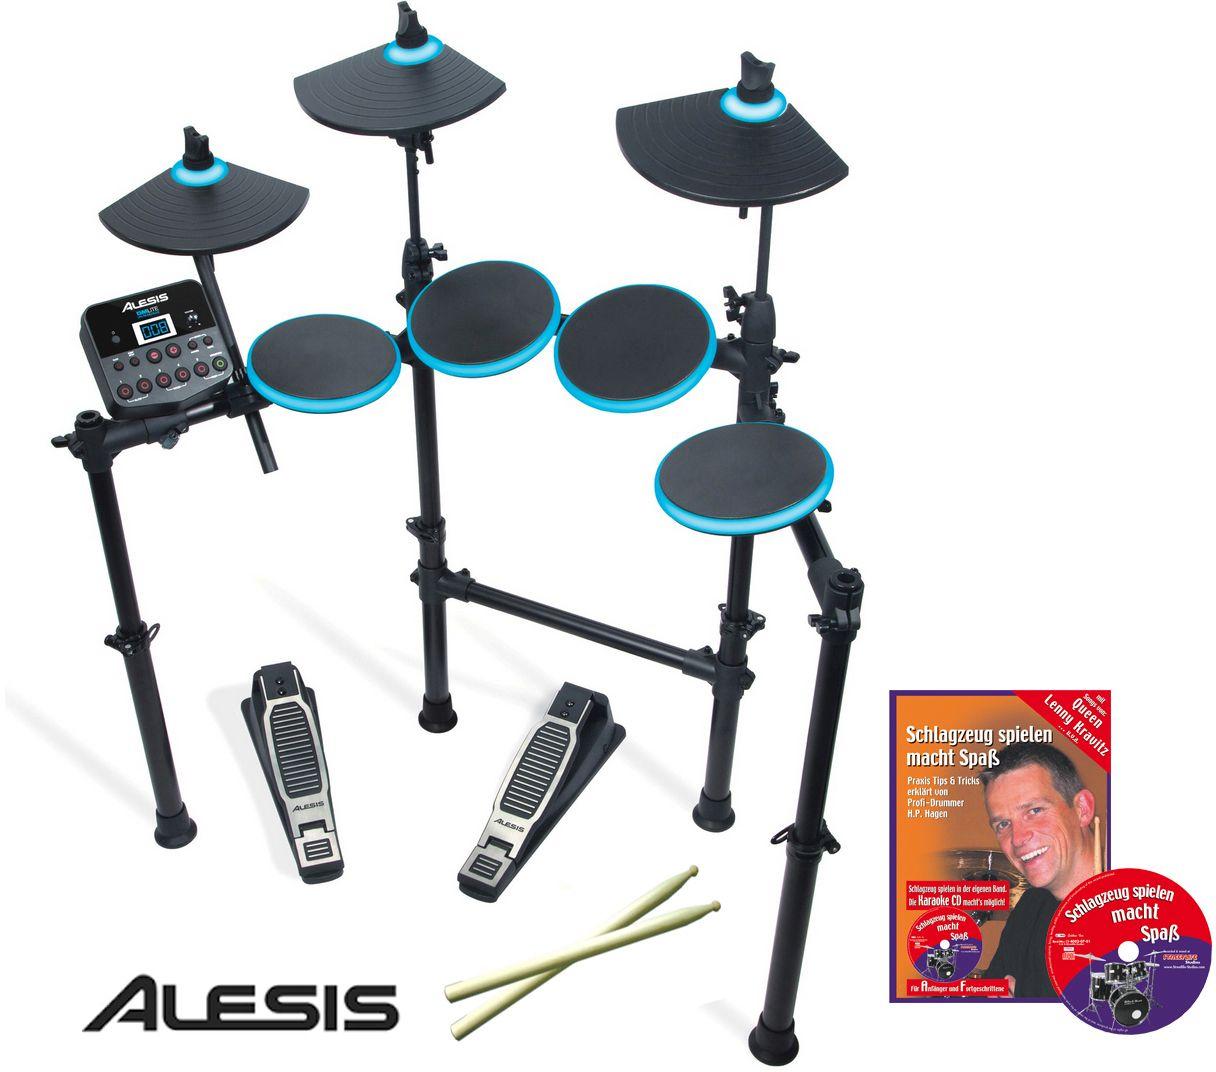 Alesis Elektronisches Schlagzeug, »E-Drum Set DM Lite Alesis«